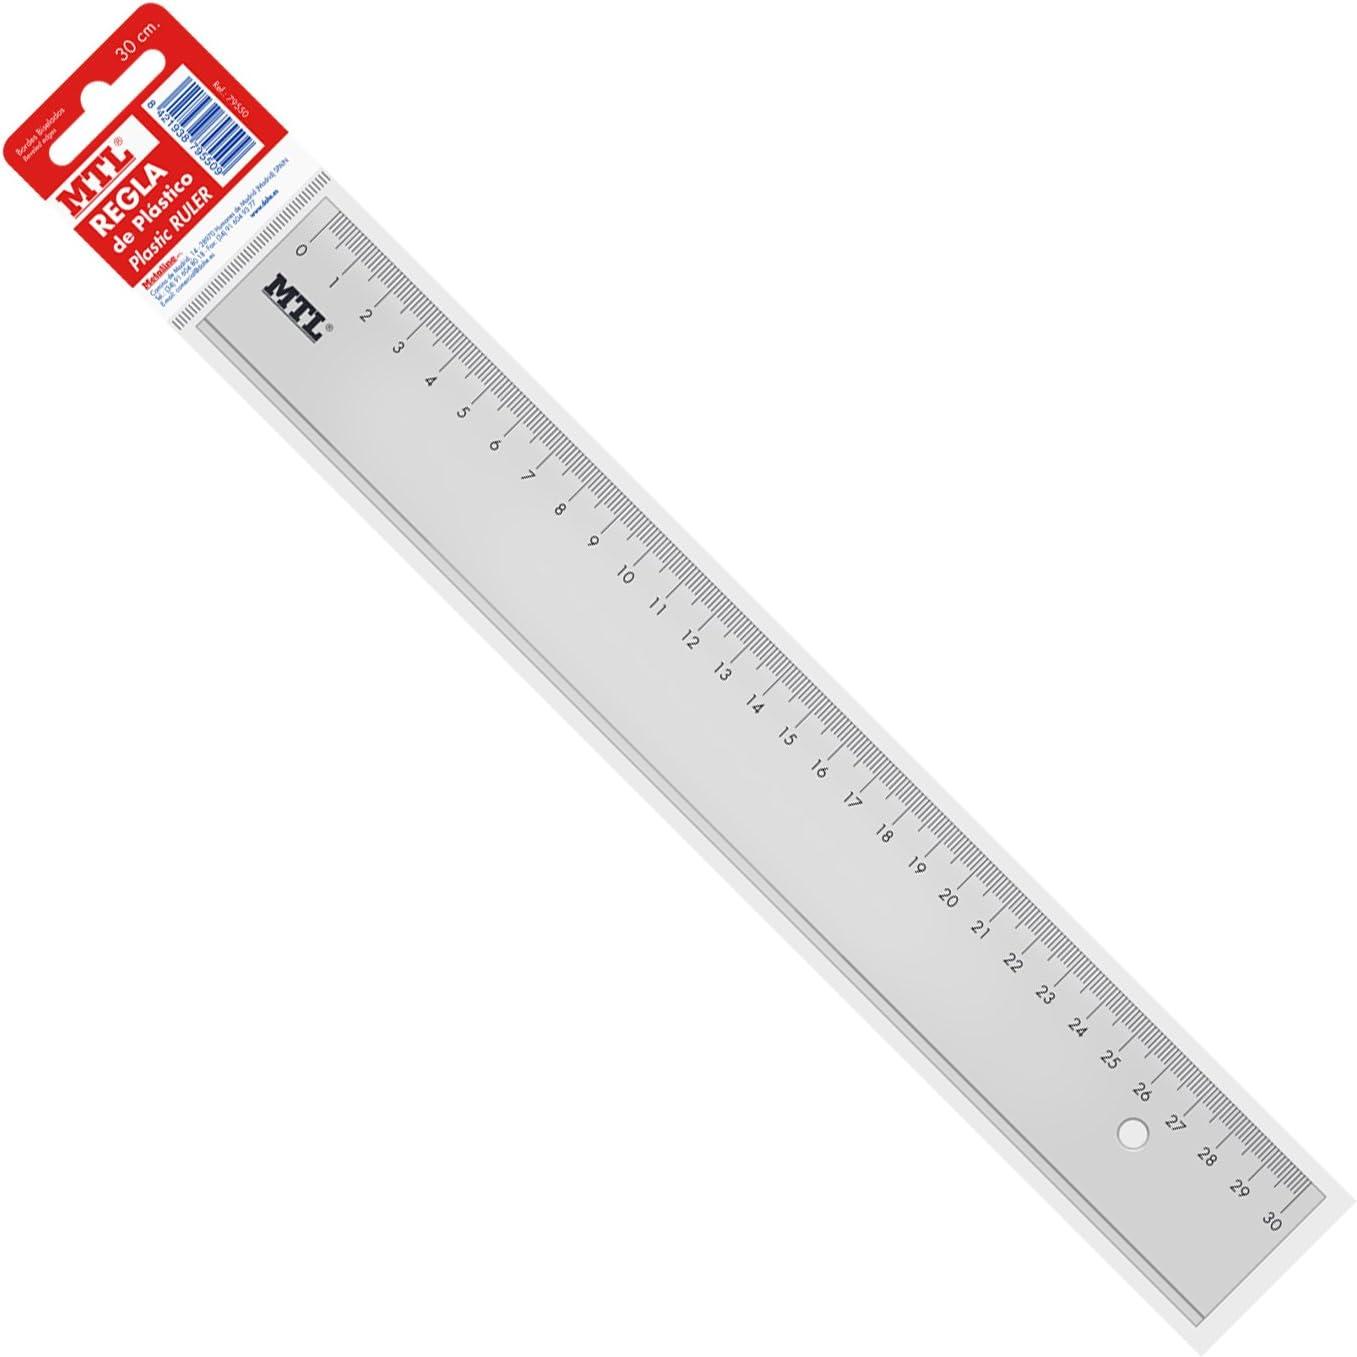 MTL 79550 - Regla, 30 cm: Amazon.es: Oficina y papelería